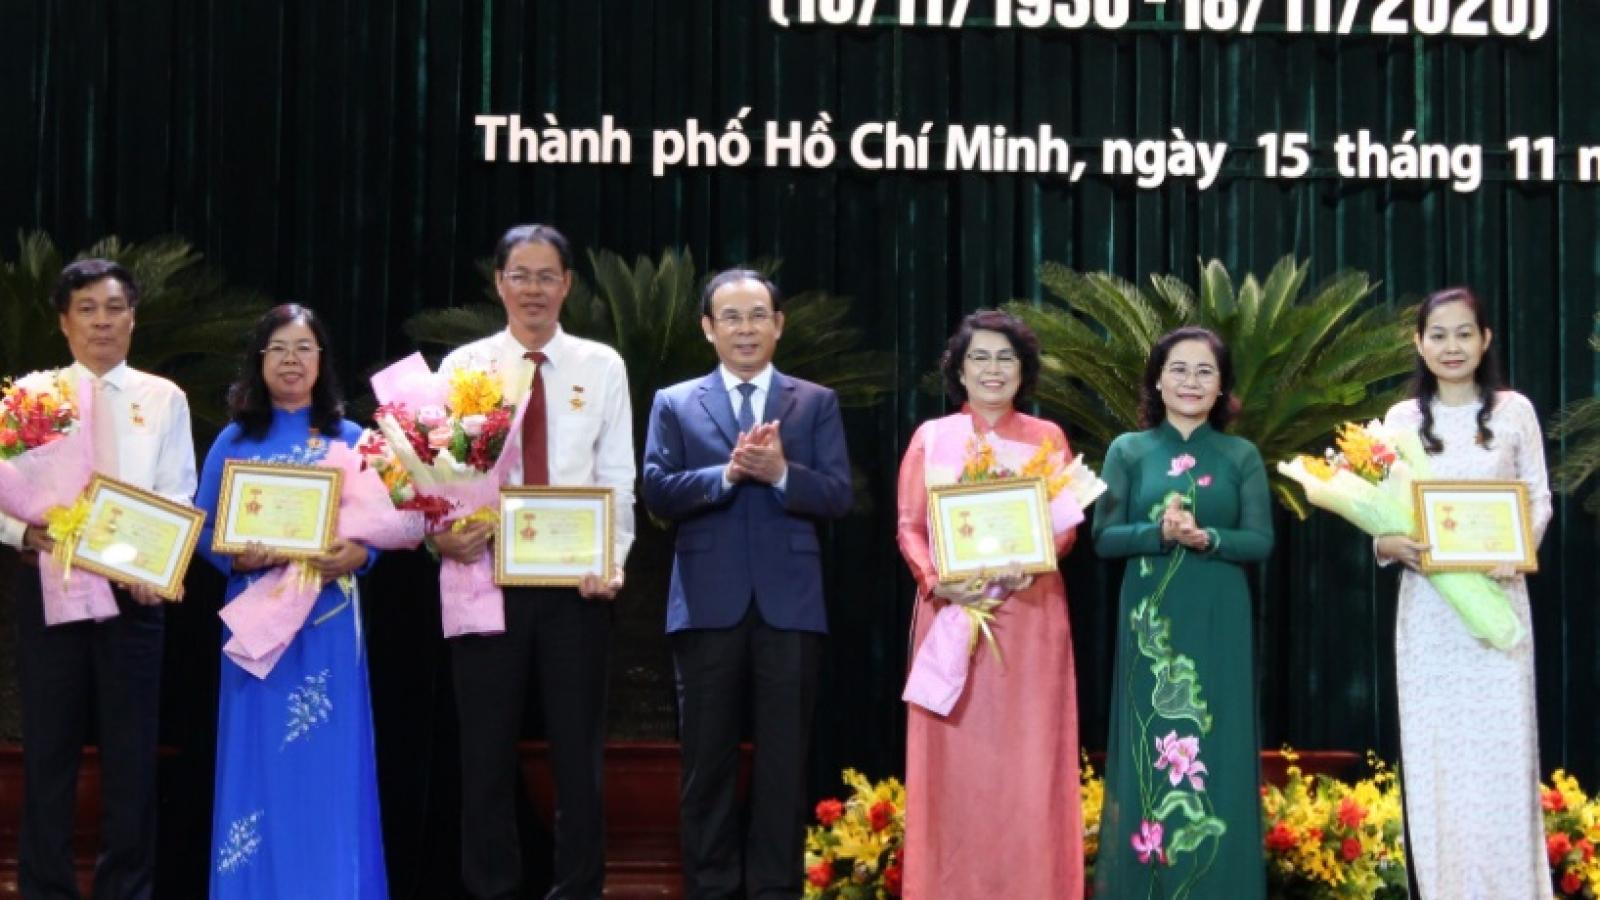 Kỷ niệm 90 năm ngày thành lập Mặt trận Dân tộc thống nhất Việt Nam tại TP HCM